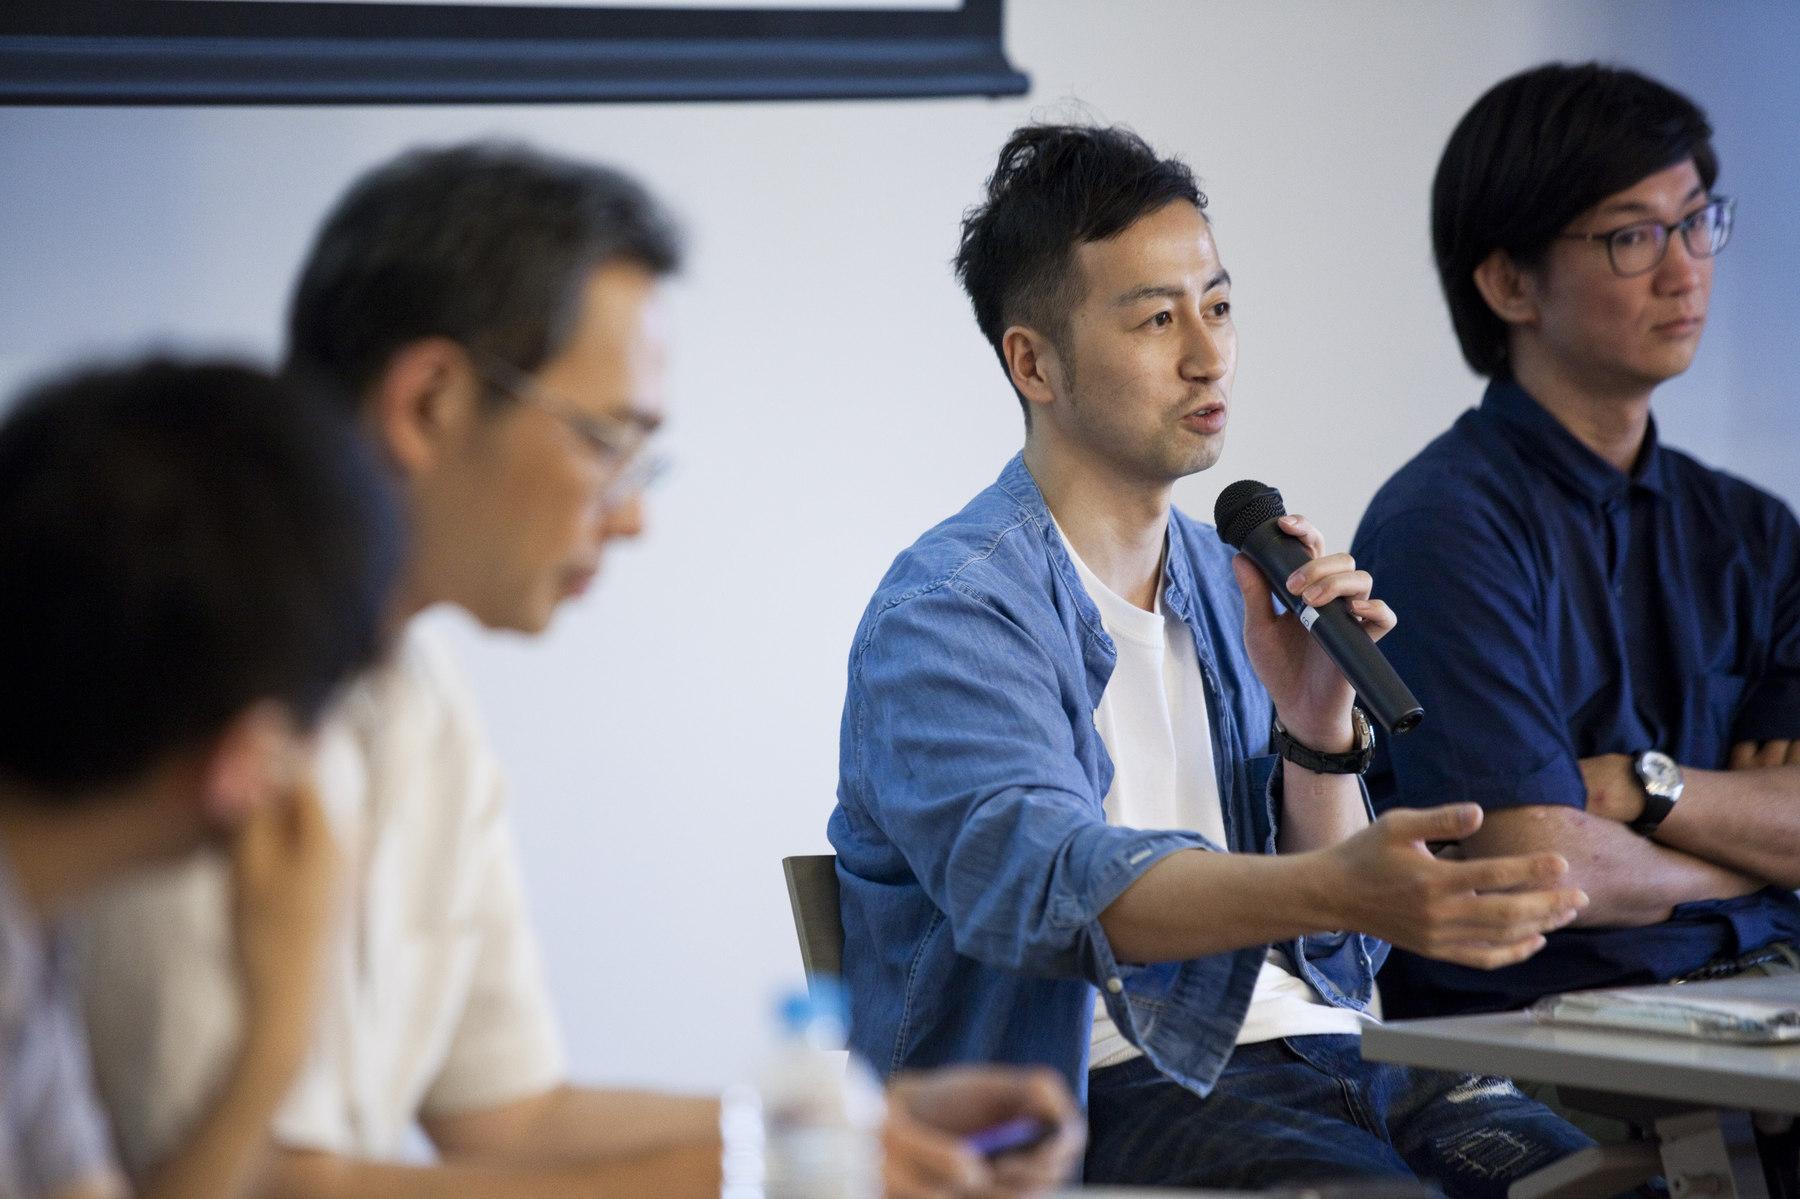 上記のインタビューでうかがった話をヒントに、NPO法人AKITEN代表・及川さんをゲストの一人として招き、イベント「Artpoint Meeting #03 -まちで企む-」(https://www.artscouncil-tokyo.jp/ja/events/19782/)を開催した。